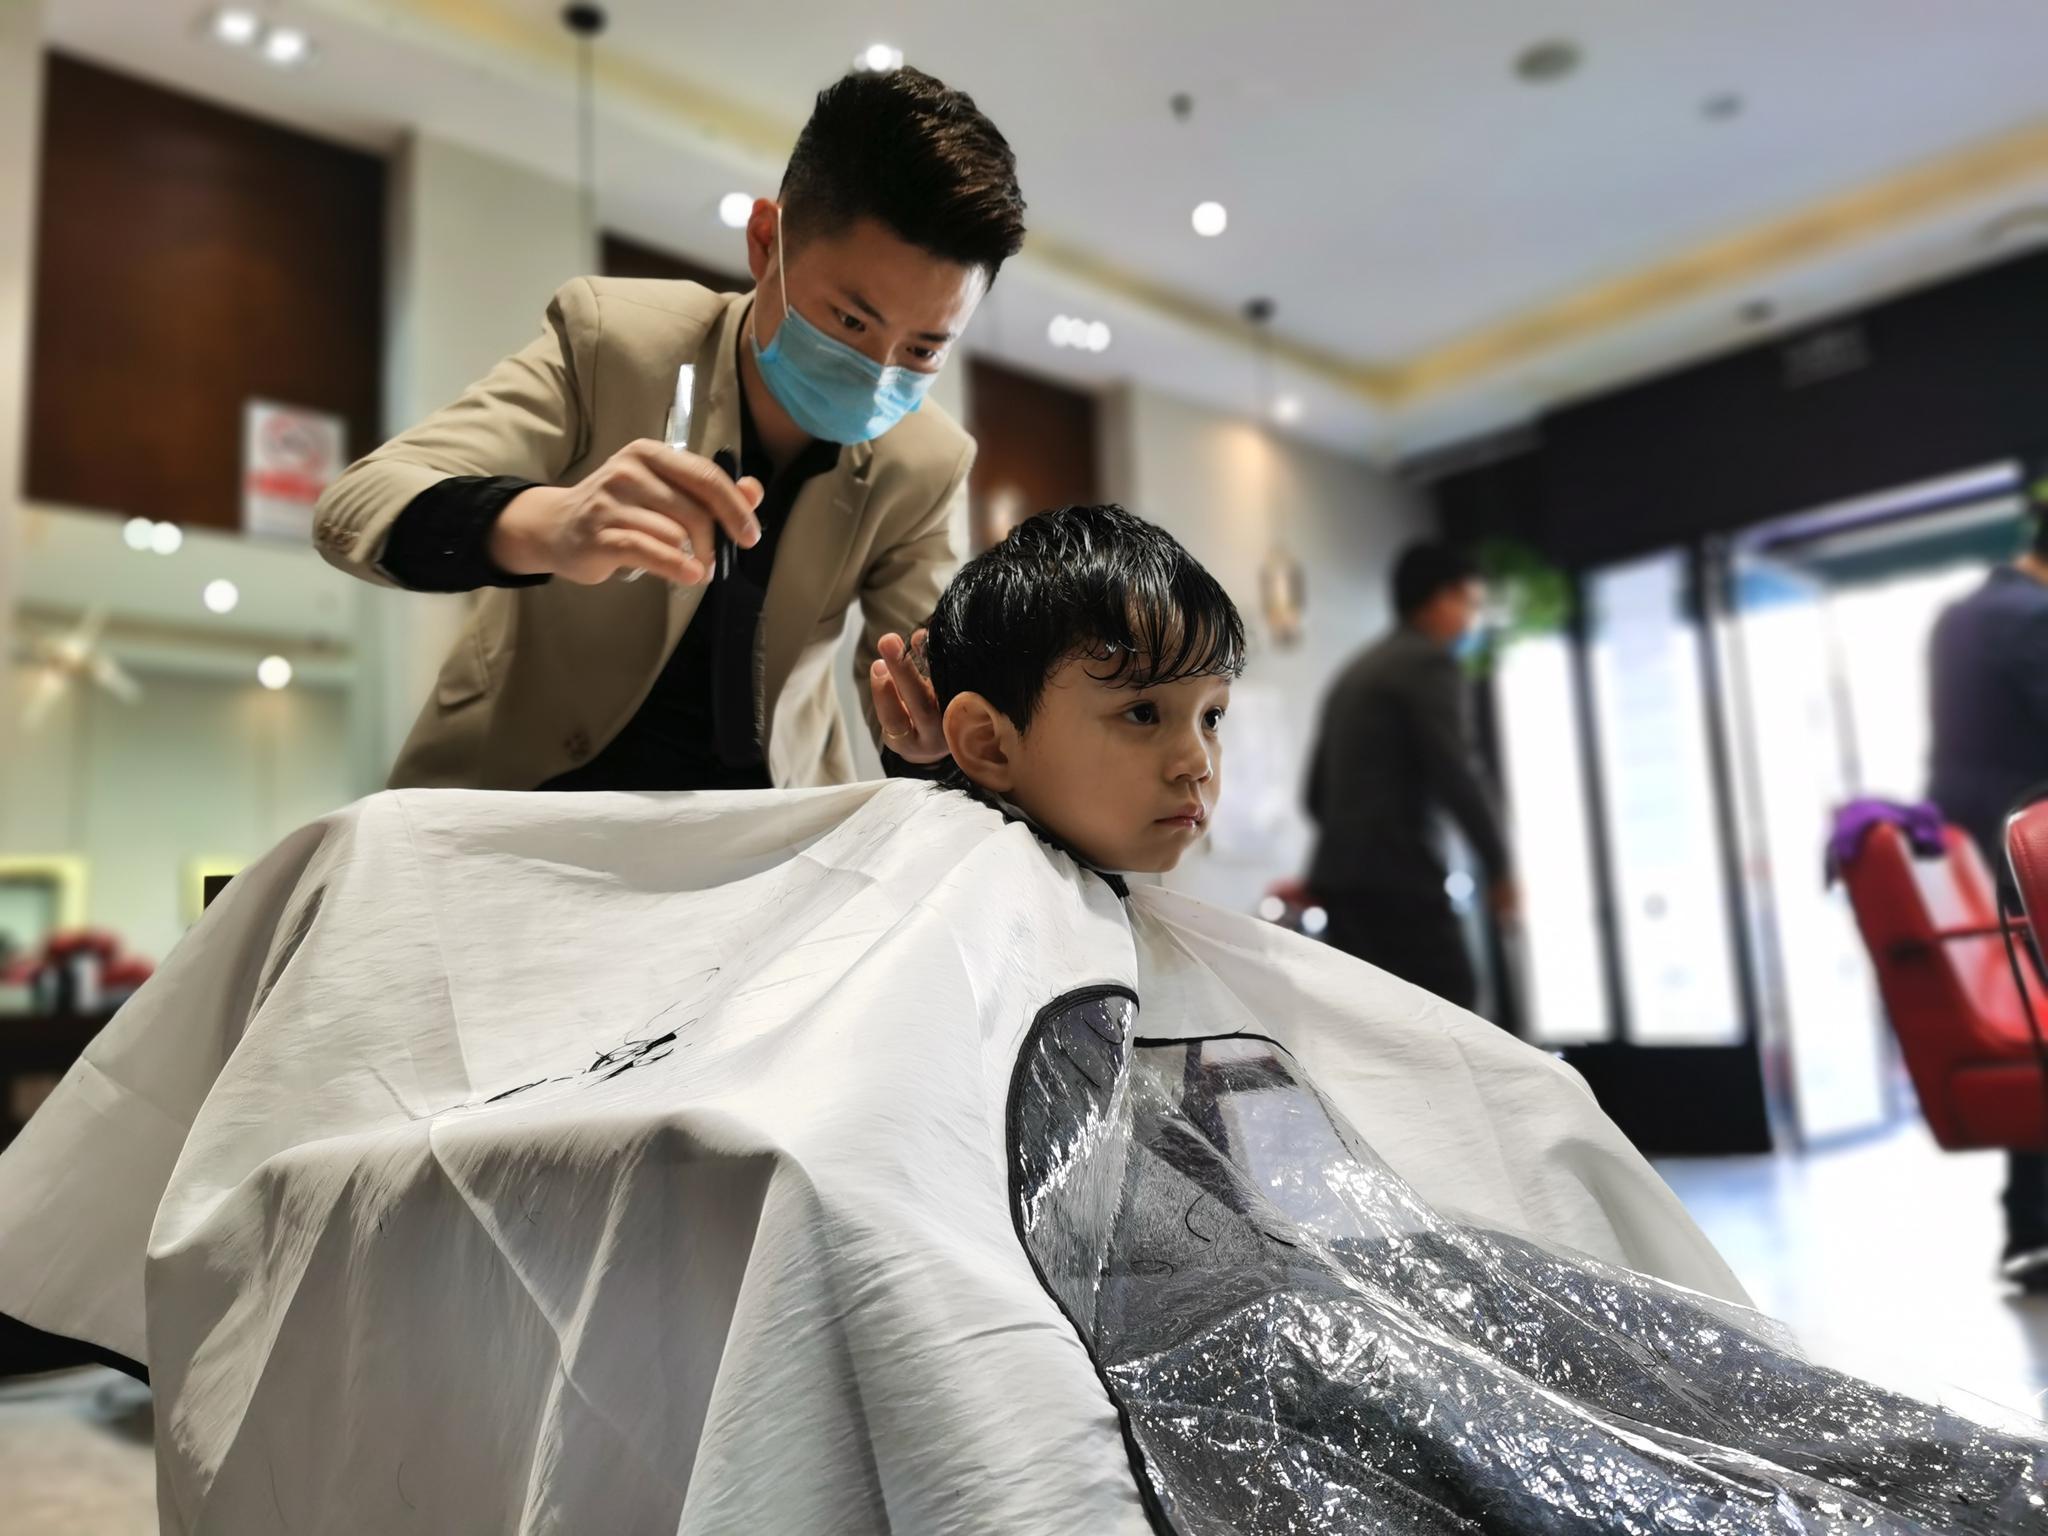 台灣已有351家剃頭店停業,今朝不供給燙染辦事圖片